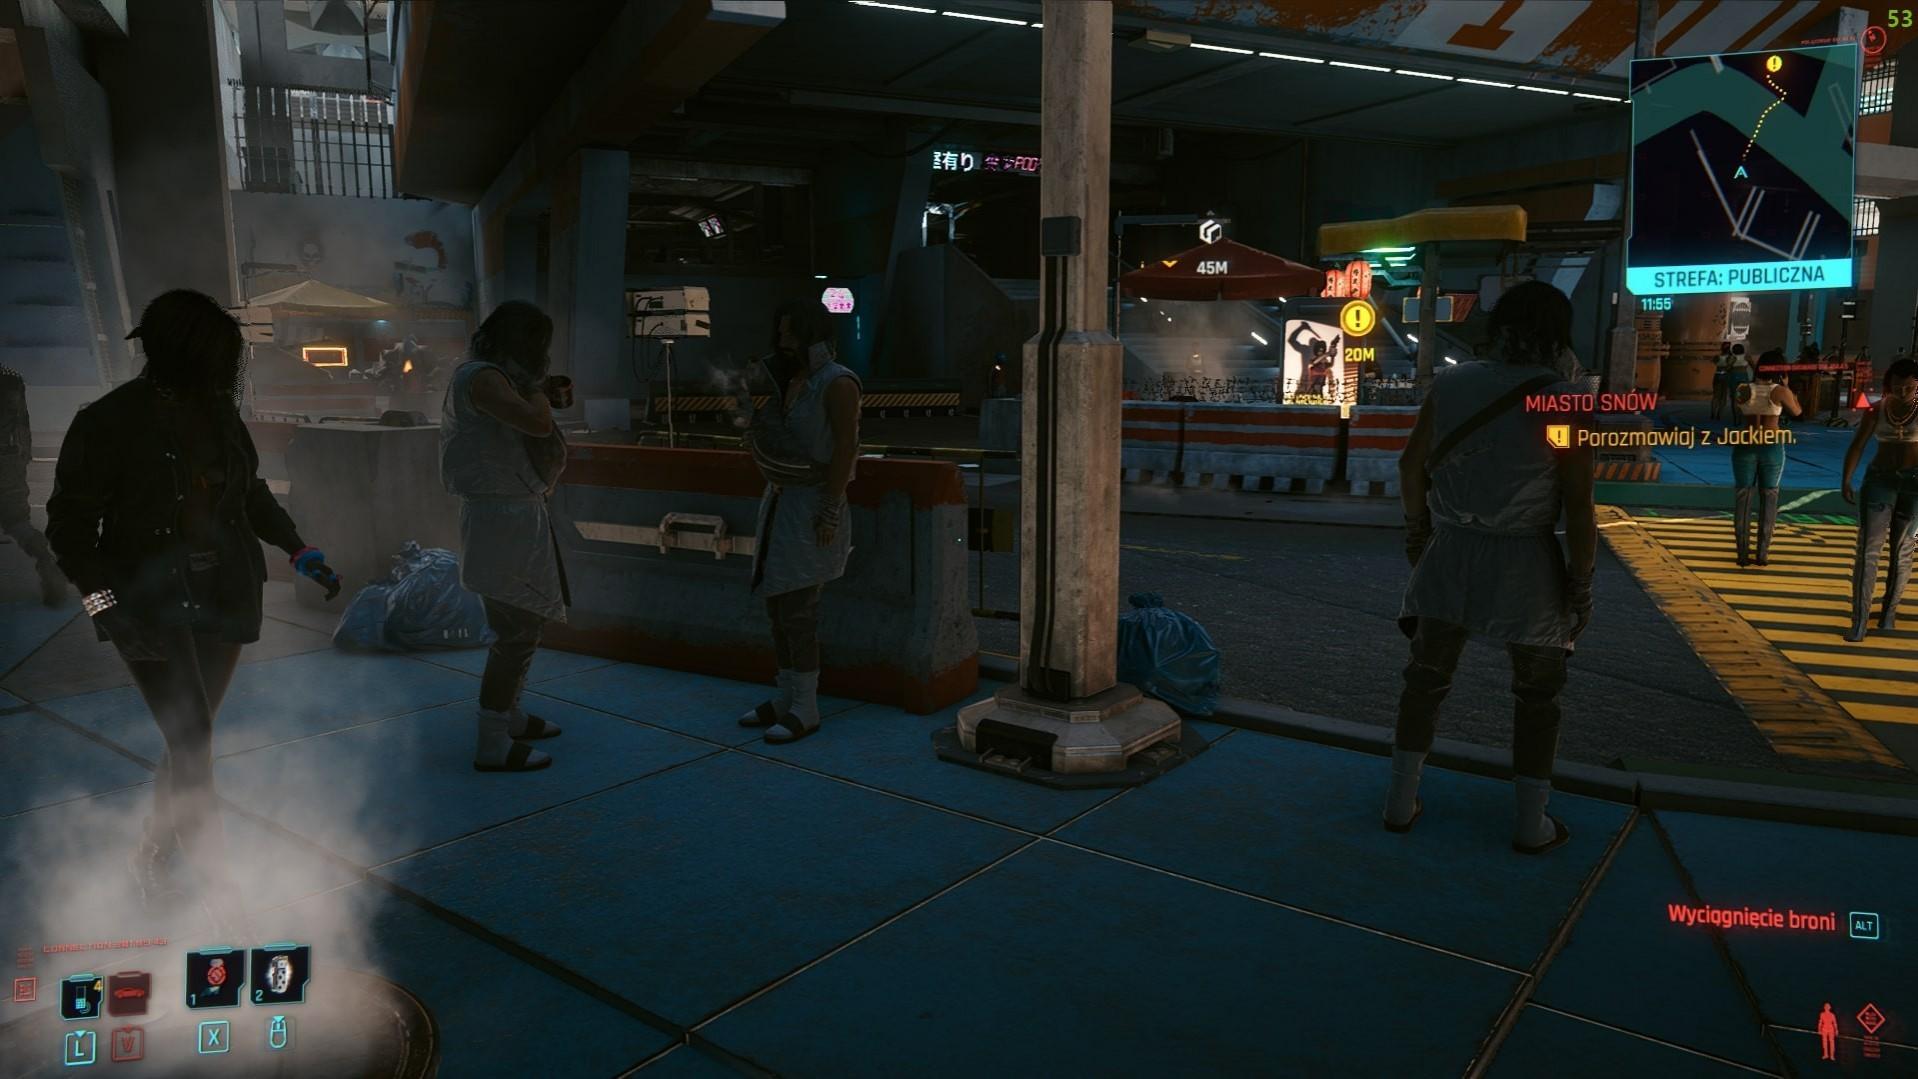 Обновление 13 не спасло Cyberpunk 2077 в игре остались клоны NPC и другие баги